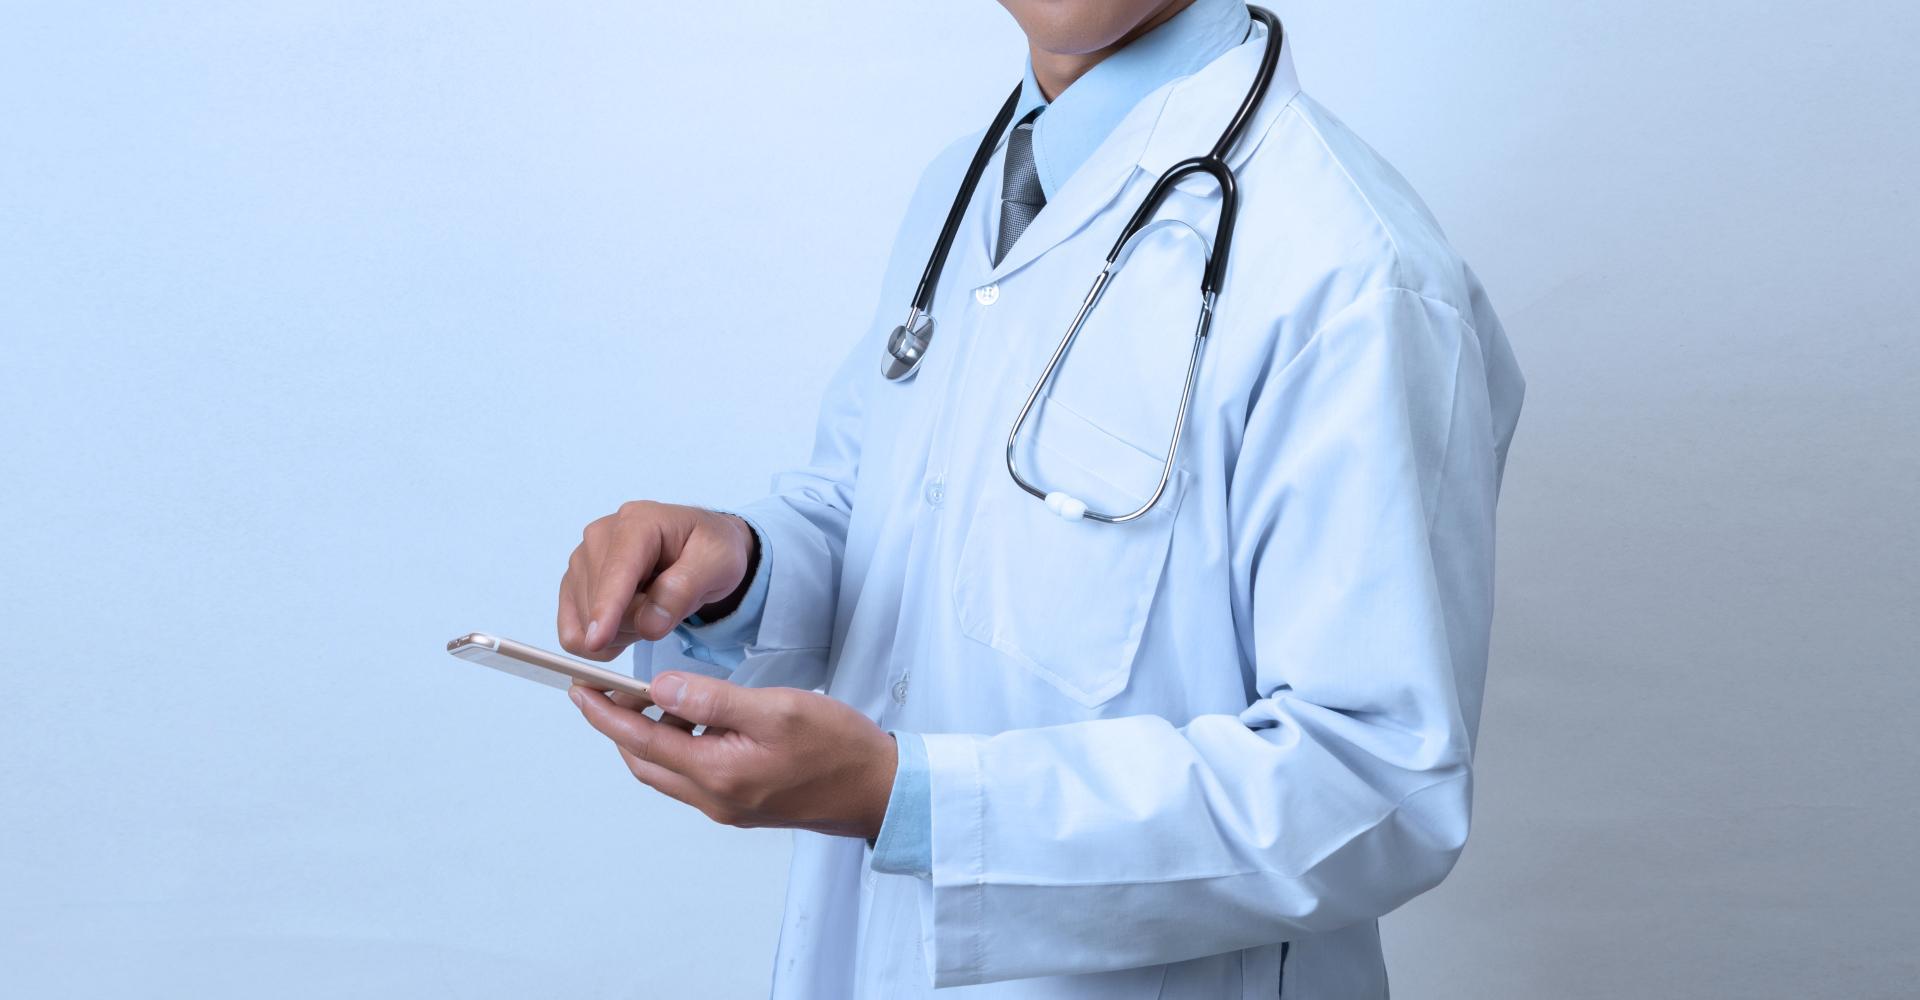 Экраны гаджетов помогут назначить тромболизисную терапию при инсультах